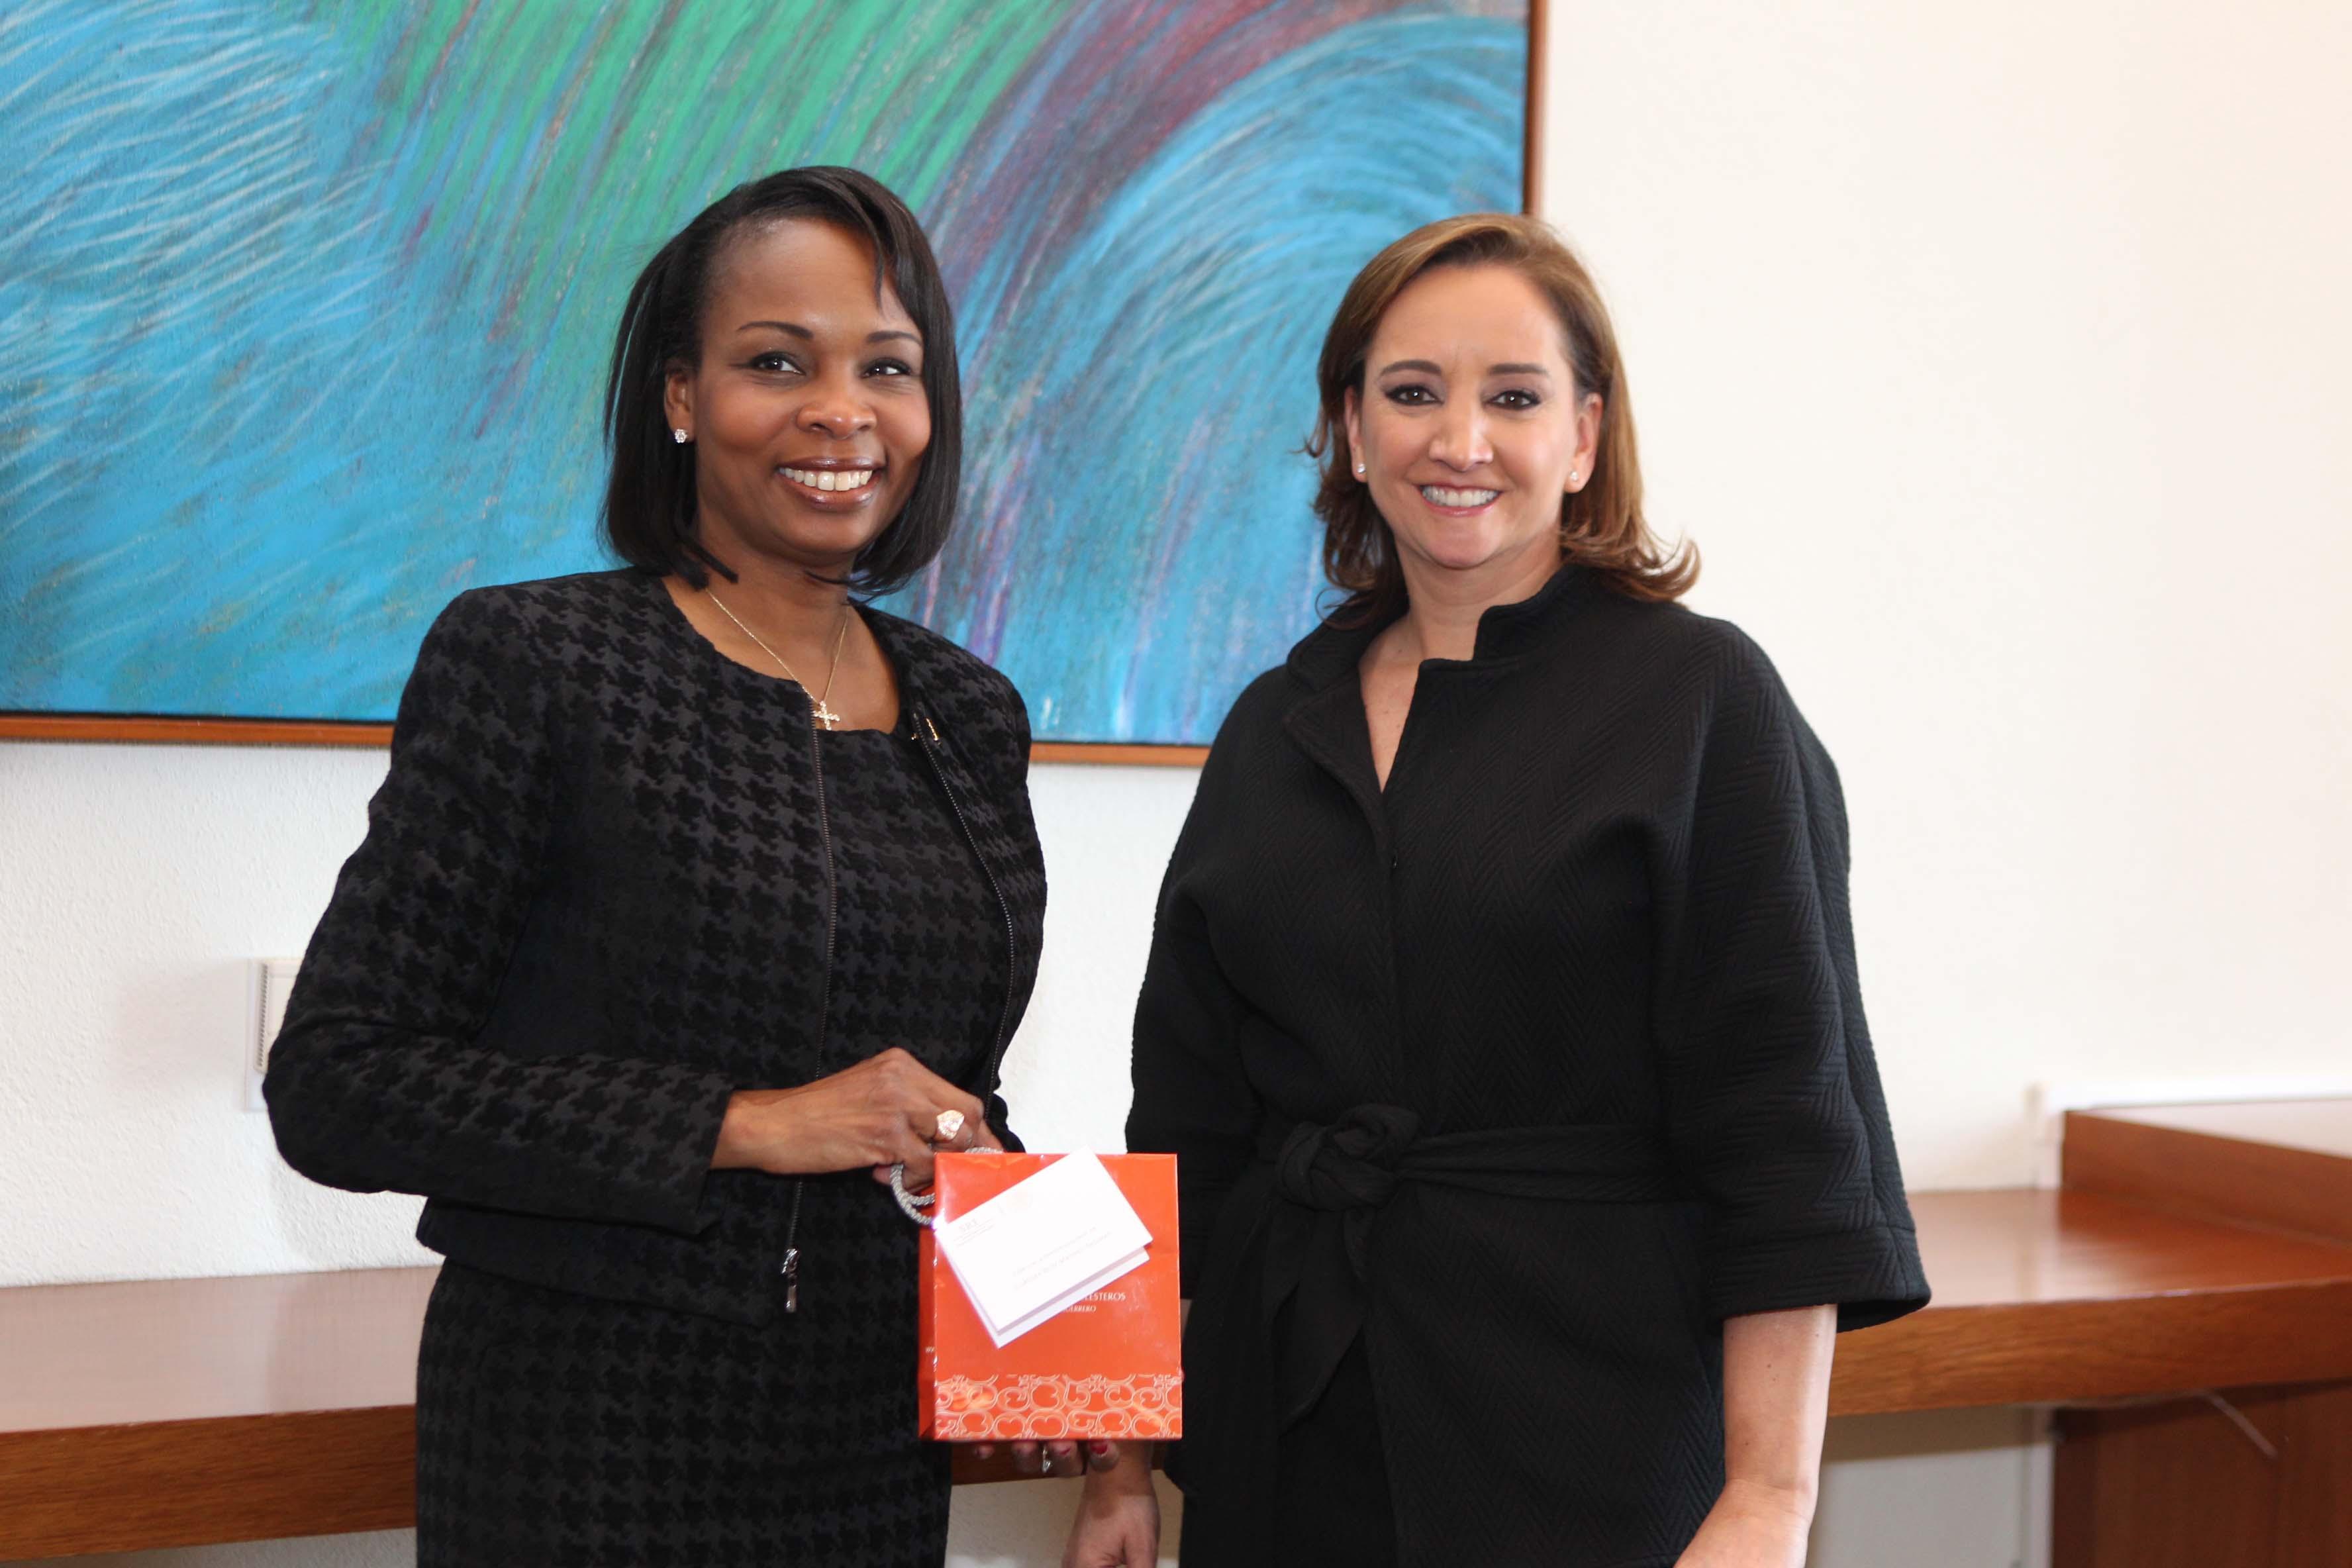 FOTO 1 Canciller Claudia Ruiz Massieu con la Alcaldesa de San Antonio  Ivy Taylorjpg